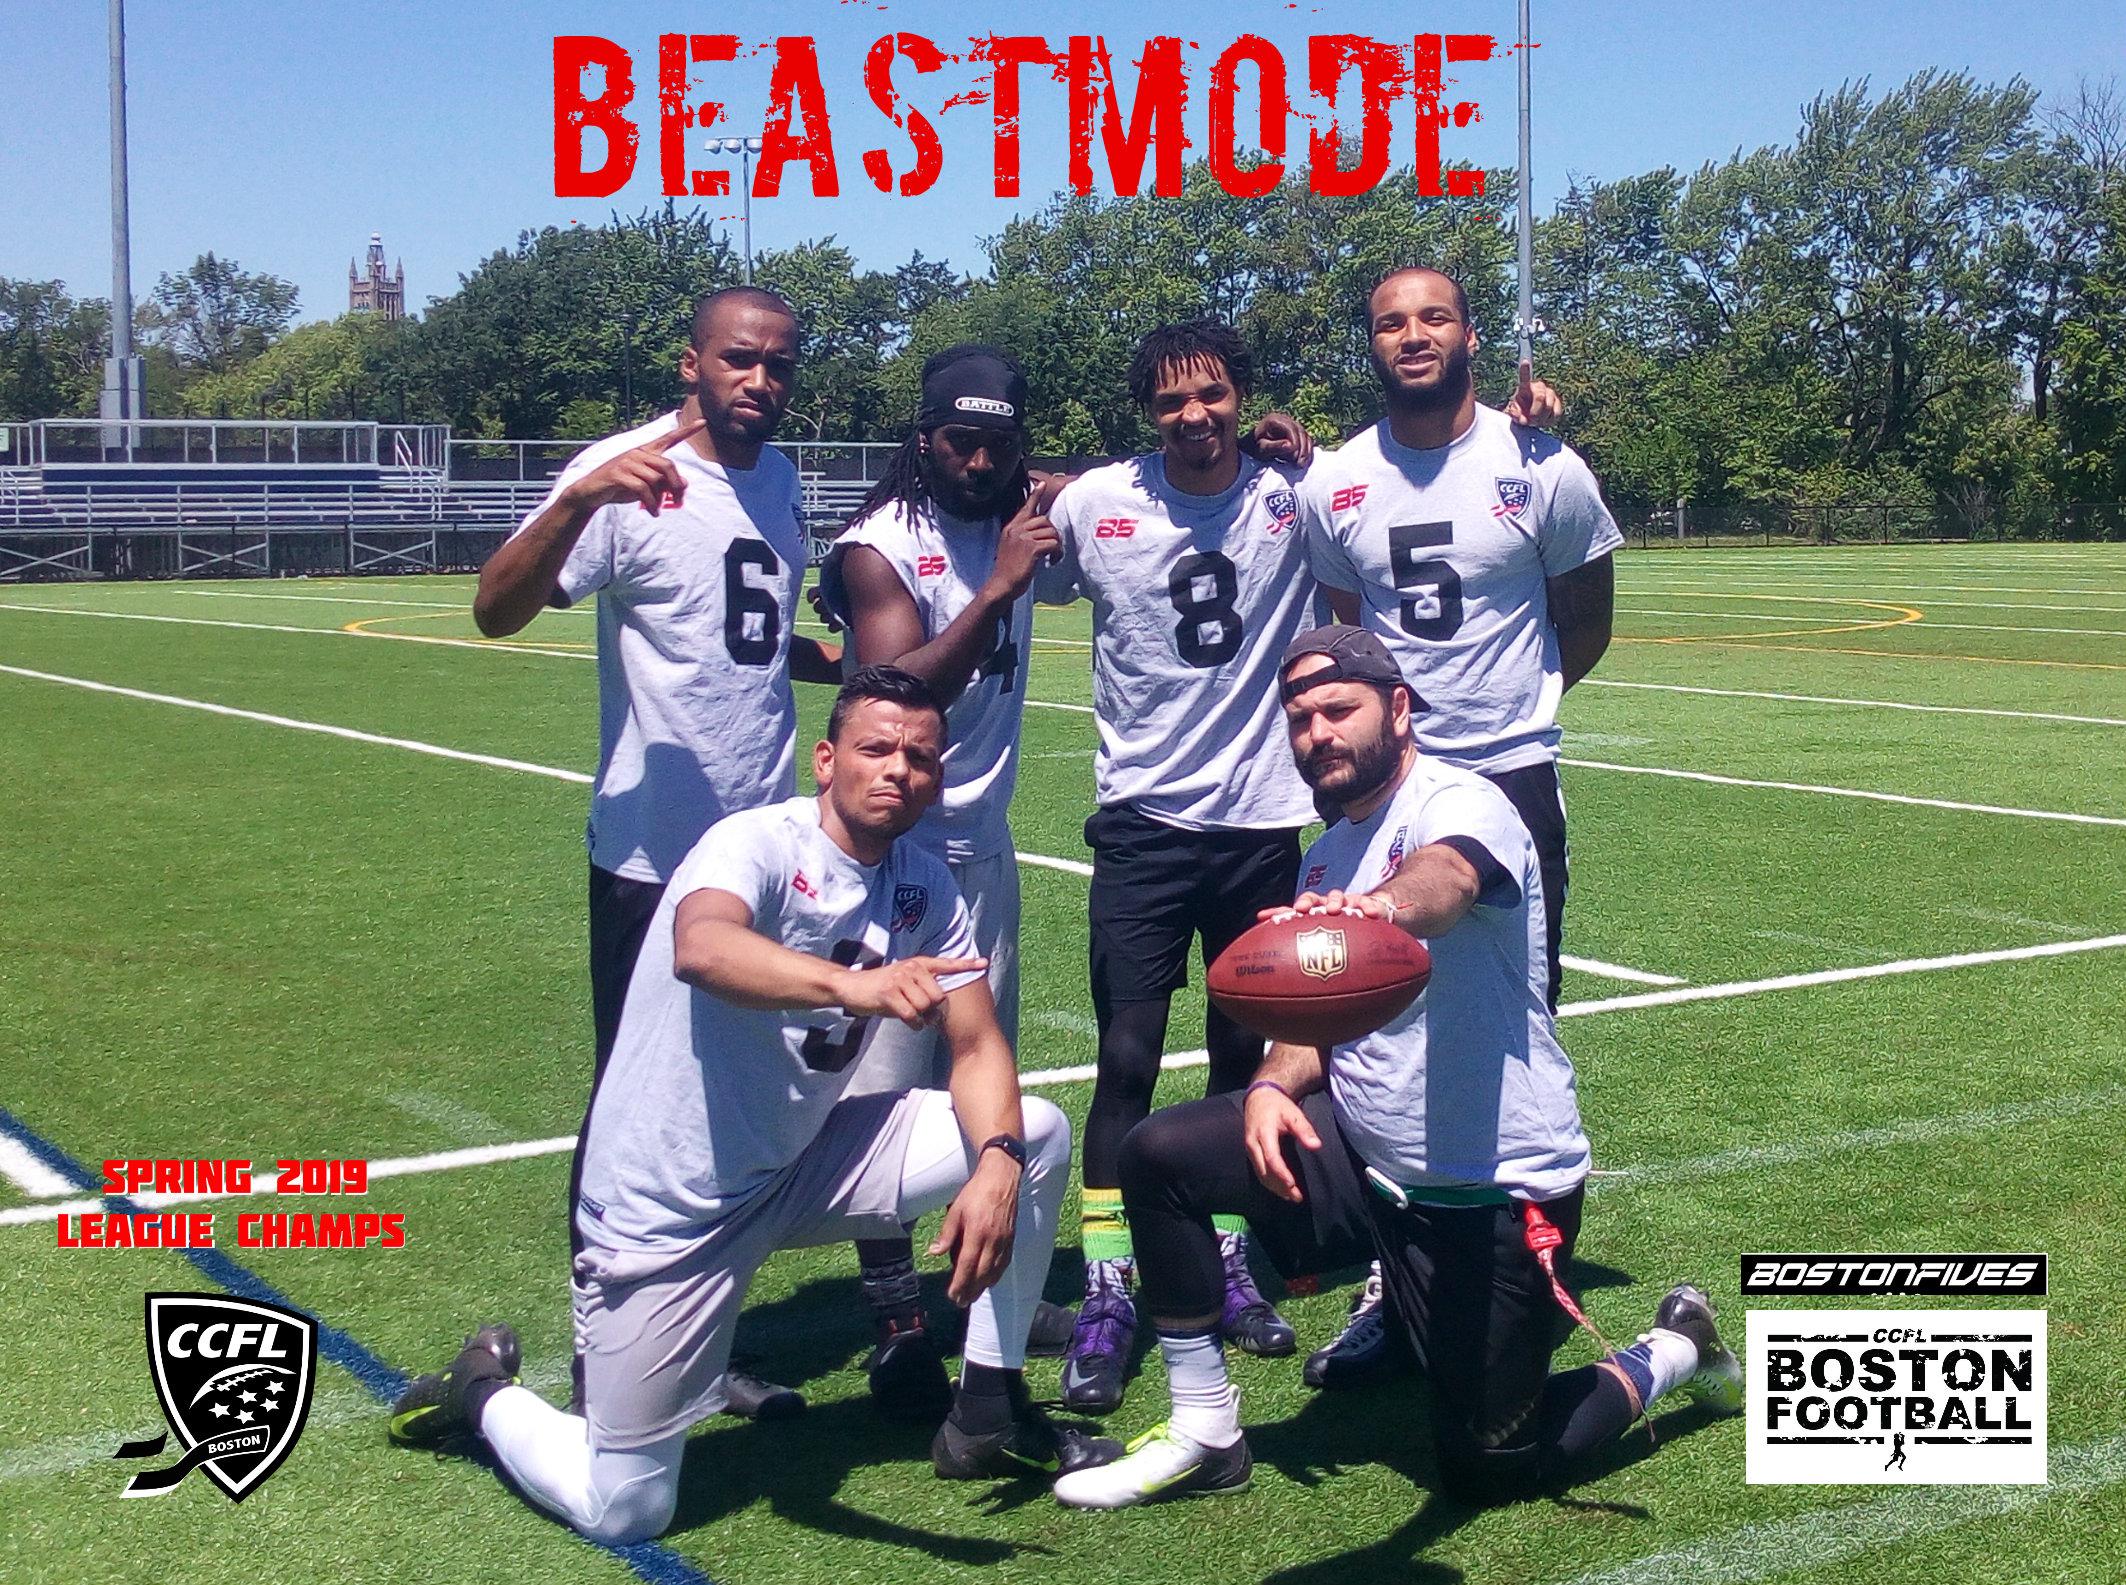 BeastmodeSpring2019